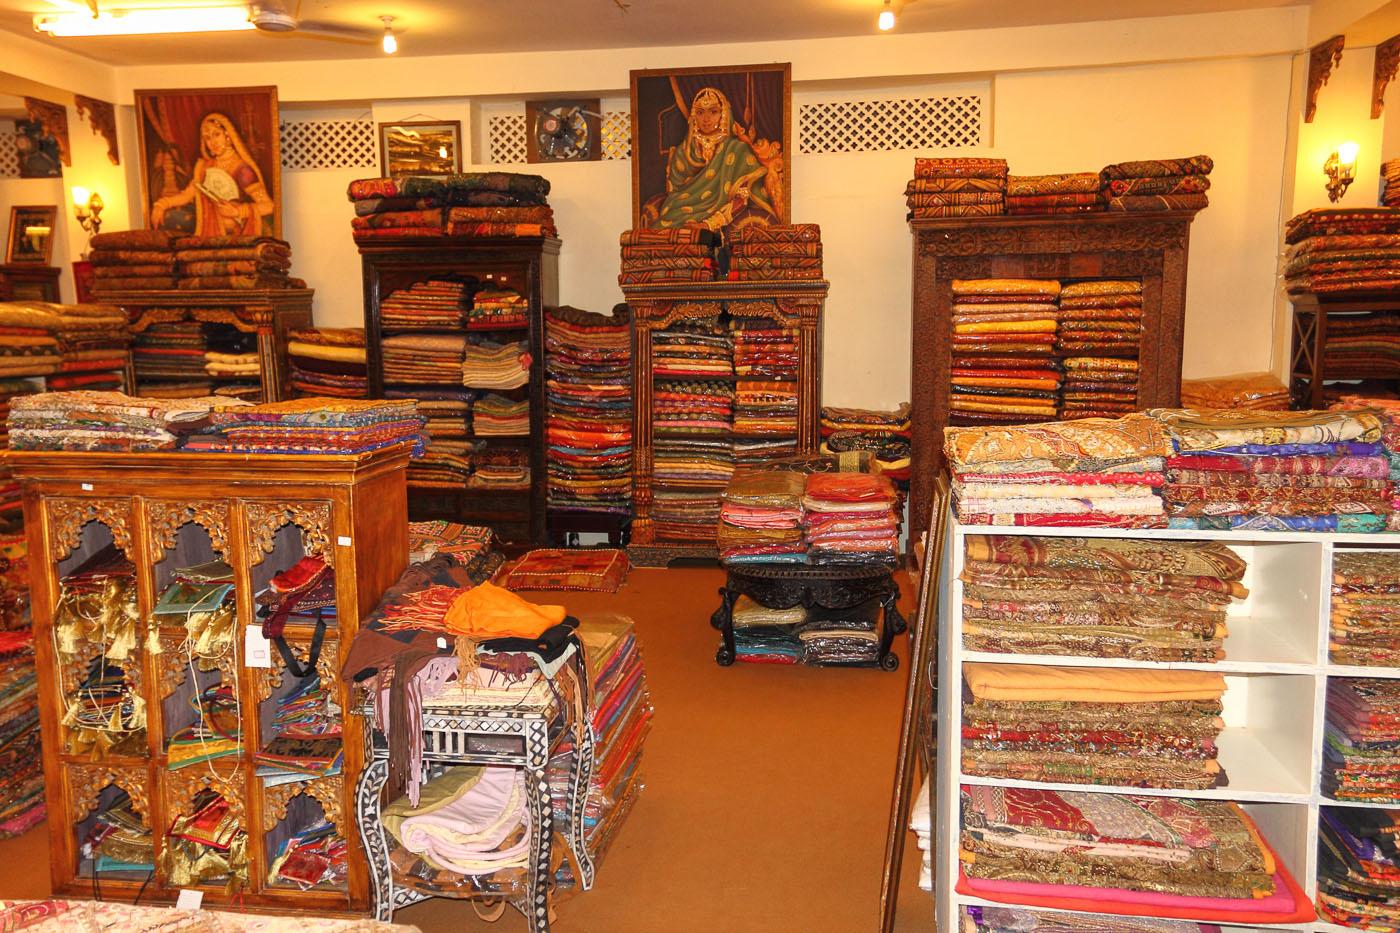 Фото 20.1 Магазин сувениров в Джайпуре. Наша поездка в Индию